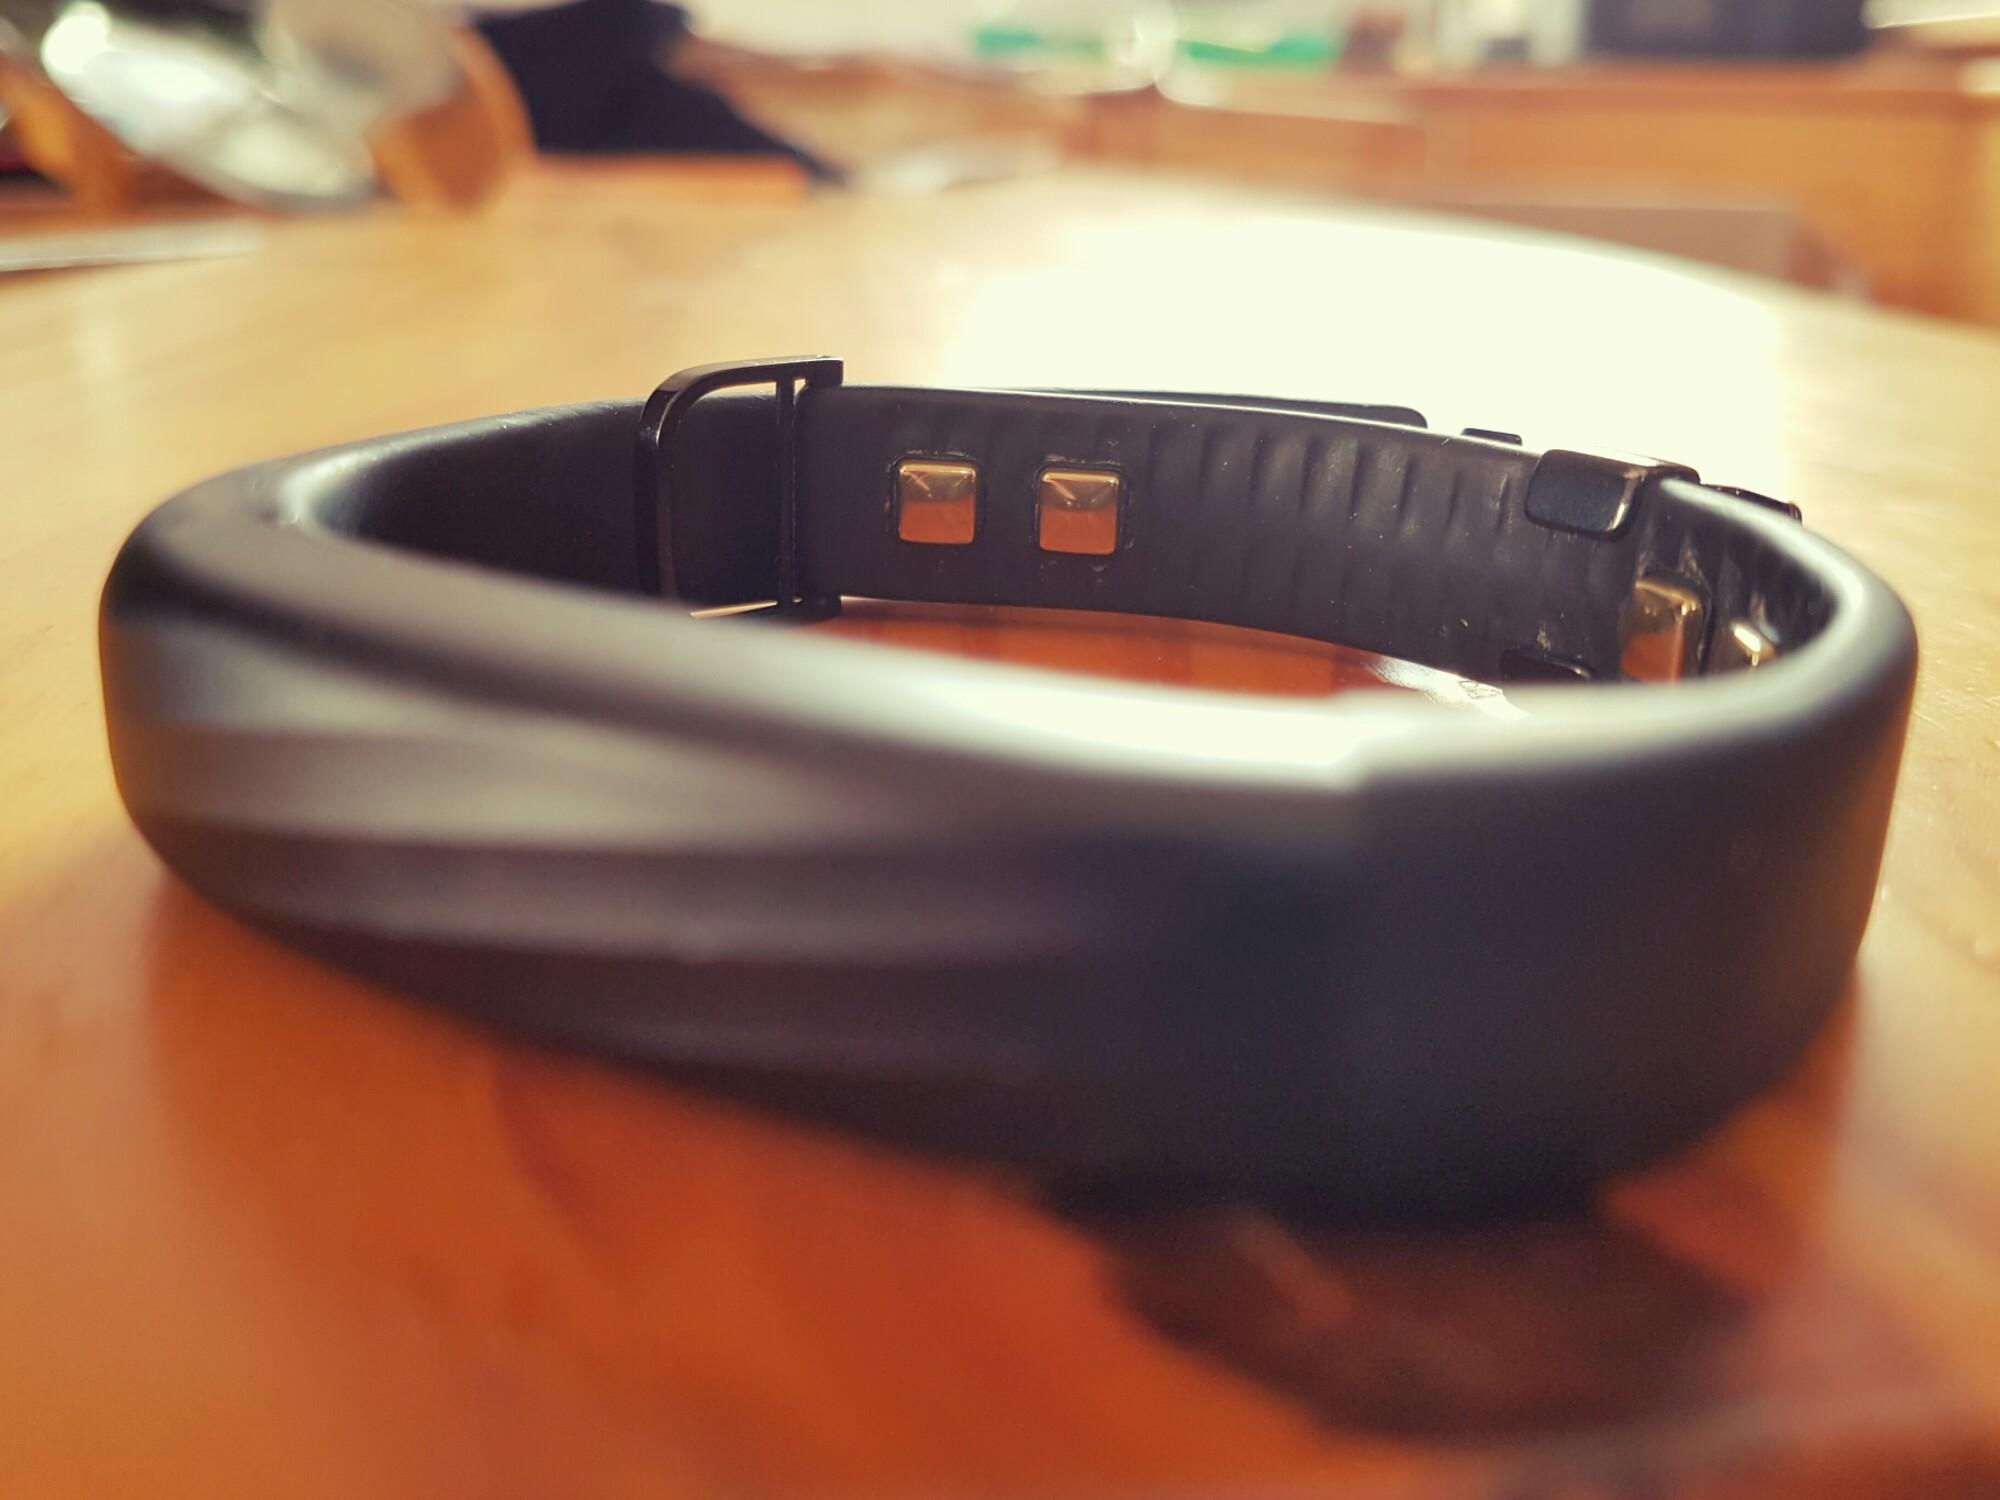 Auch im Armband sind Sensoren verbaut, somit ist es nicht austauschbar